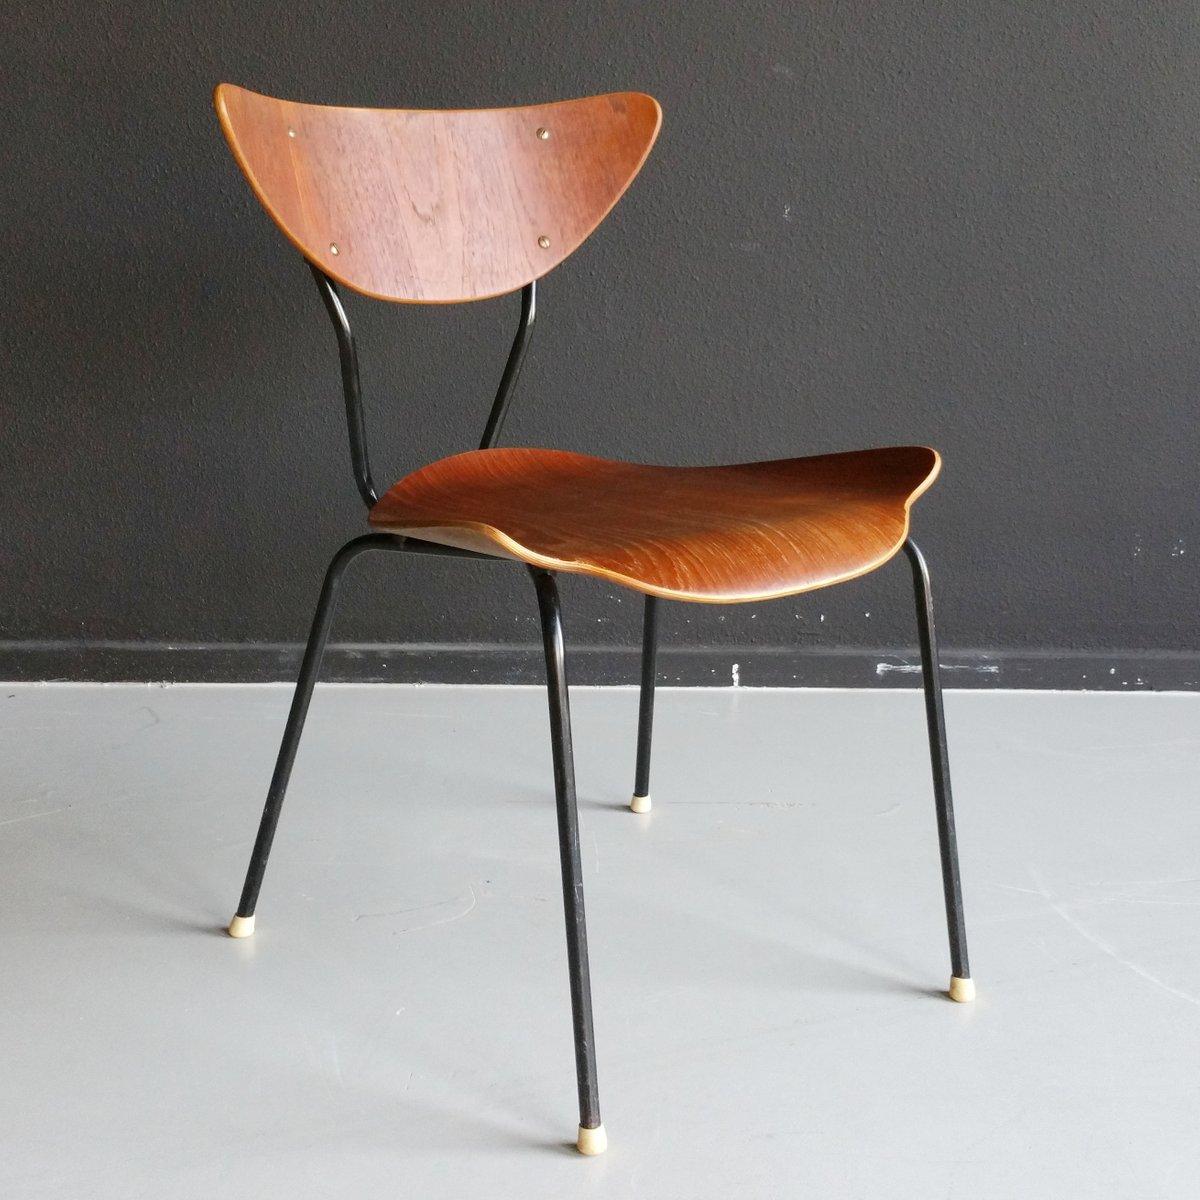 Mid century stuhl aus teak schichtholz 1950er bei pamono kaufen - Mid century stuhl ...